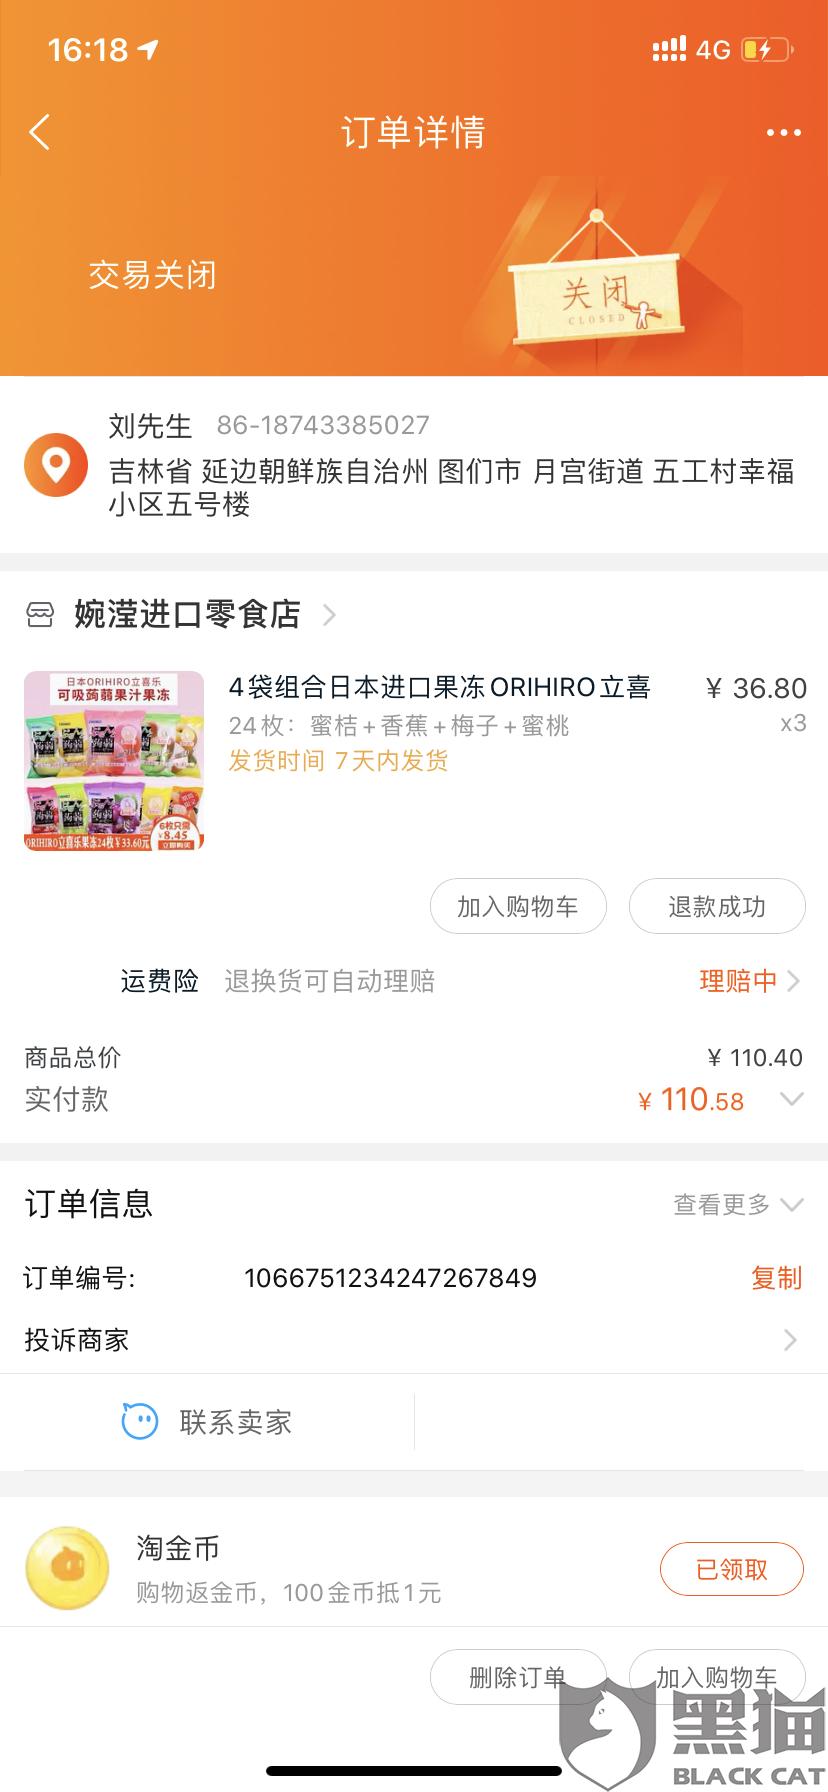 黑猫投诉:产品无中文标签以及产品中的蒟蒻粉为日本核辐射地区群马县所生产